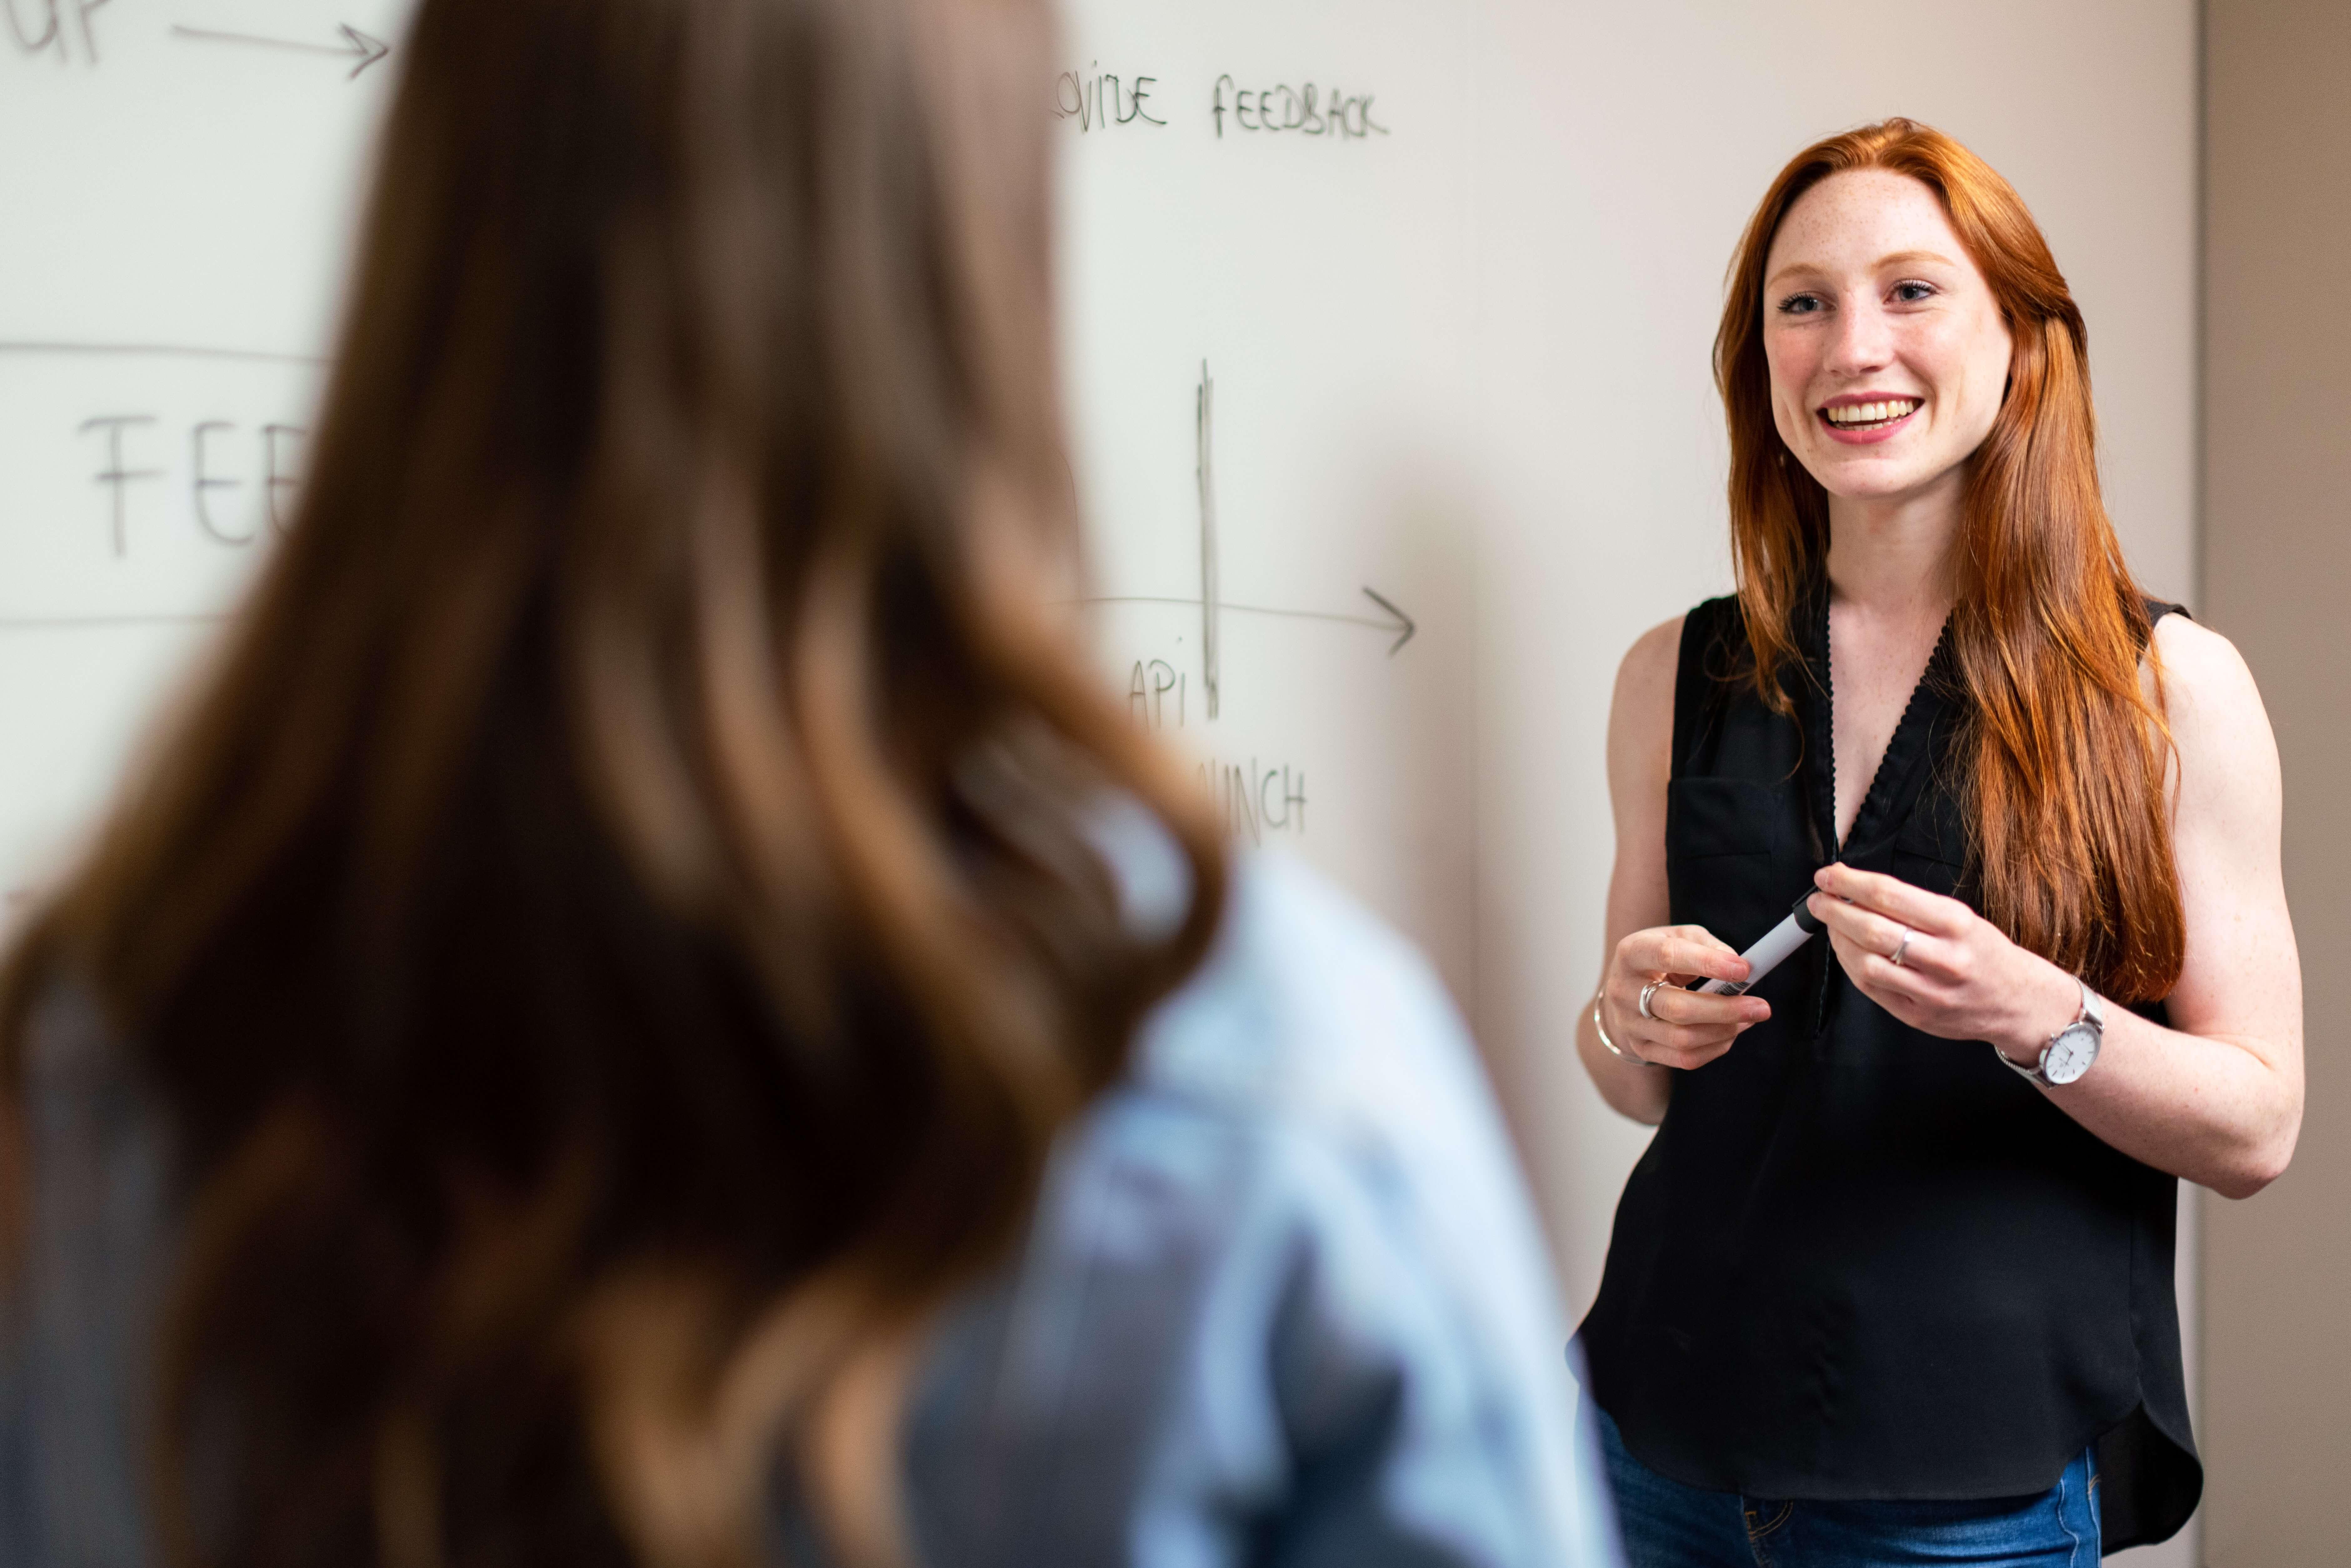 Stručnjakinja za govorništvo objašnjava što čini dobrog nastavnika: Autoritet se ne gradi nadglasavanjem, nego zanimljivošću